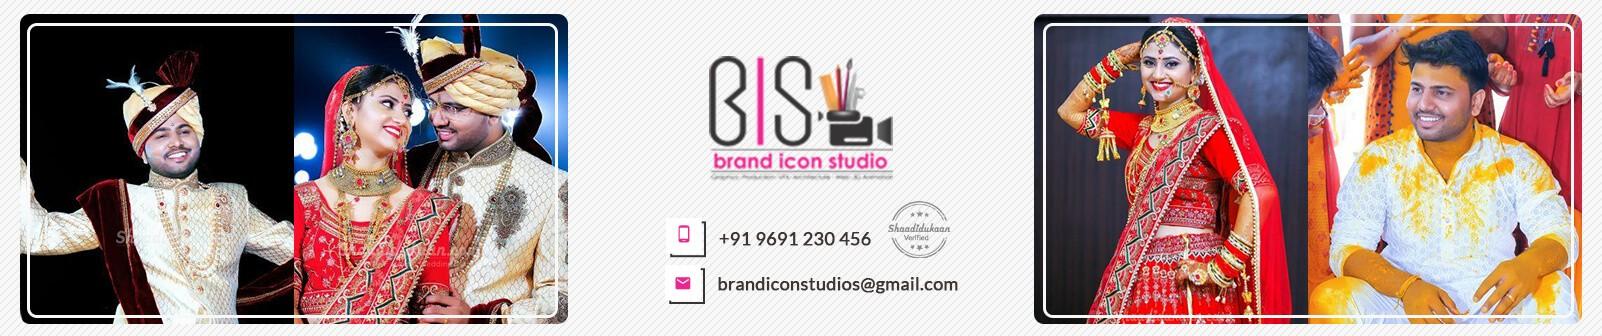 Brand Icon Studio